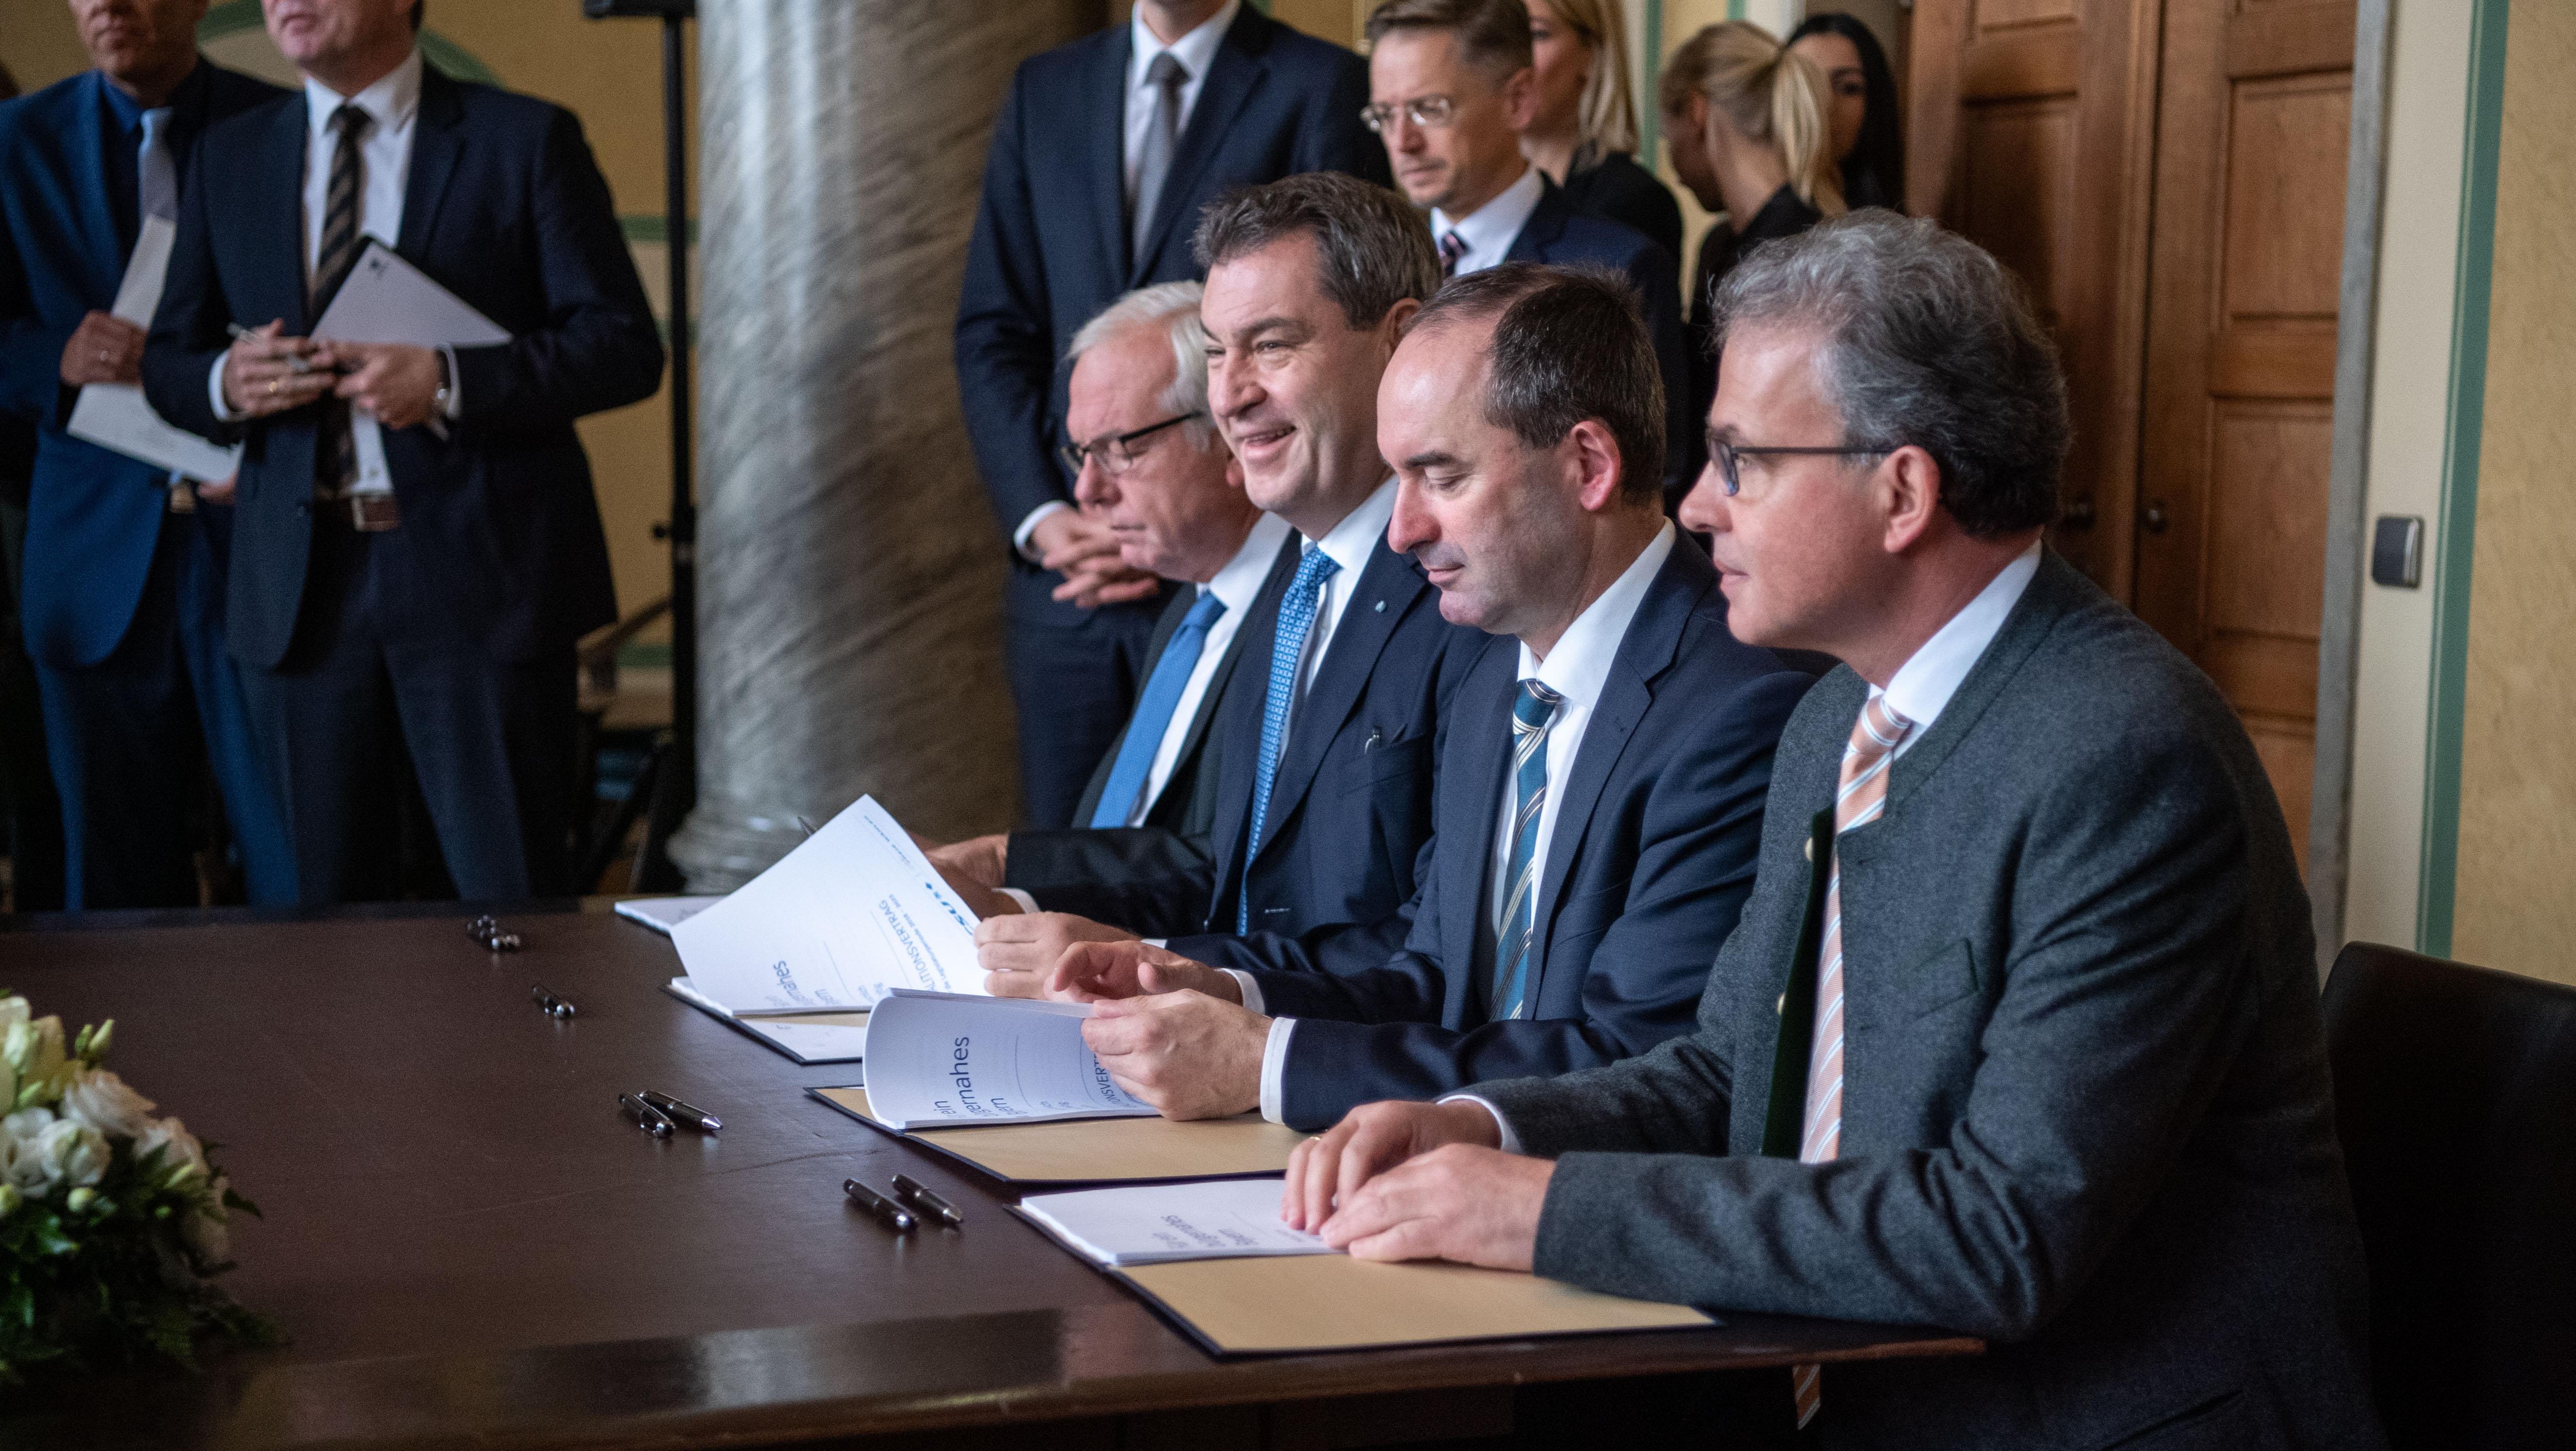 Gut drei Wochen nach der Landtagswahl ist der Koalitionsvertrag zwischen CSU und Freien Wählern unterzeichnet